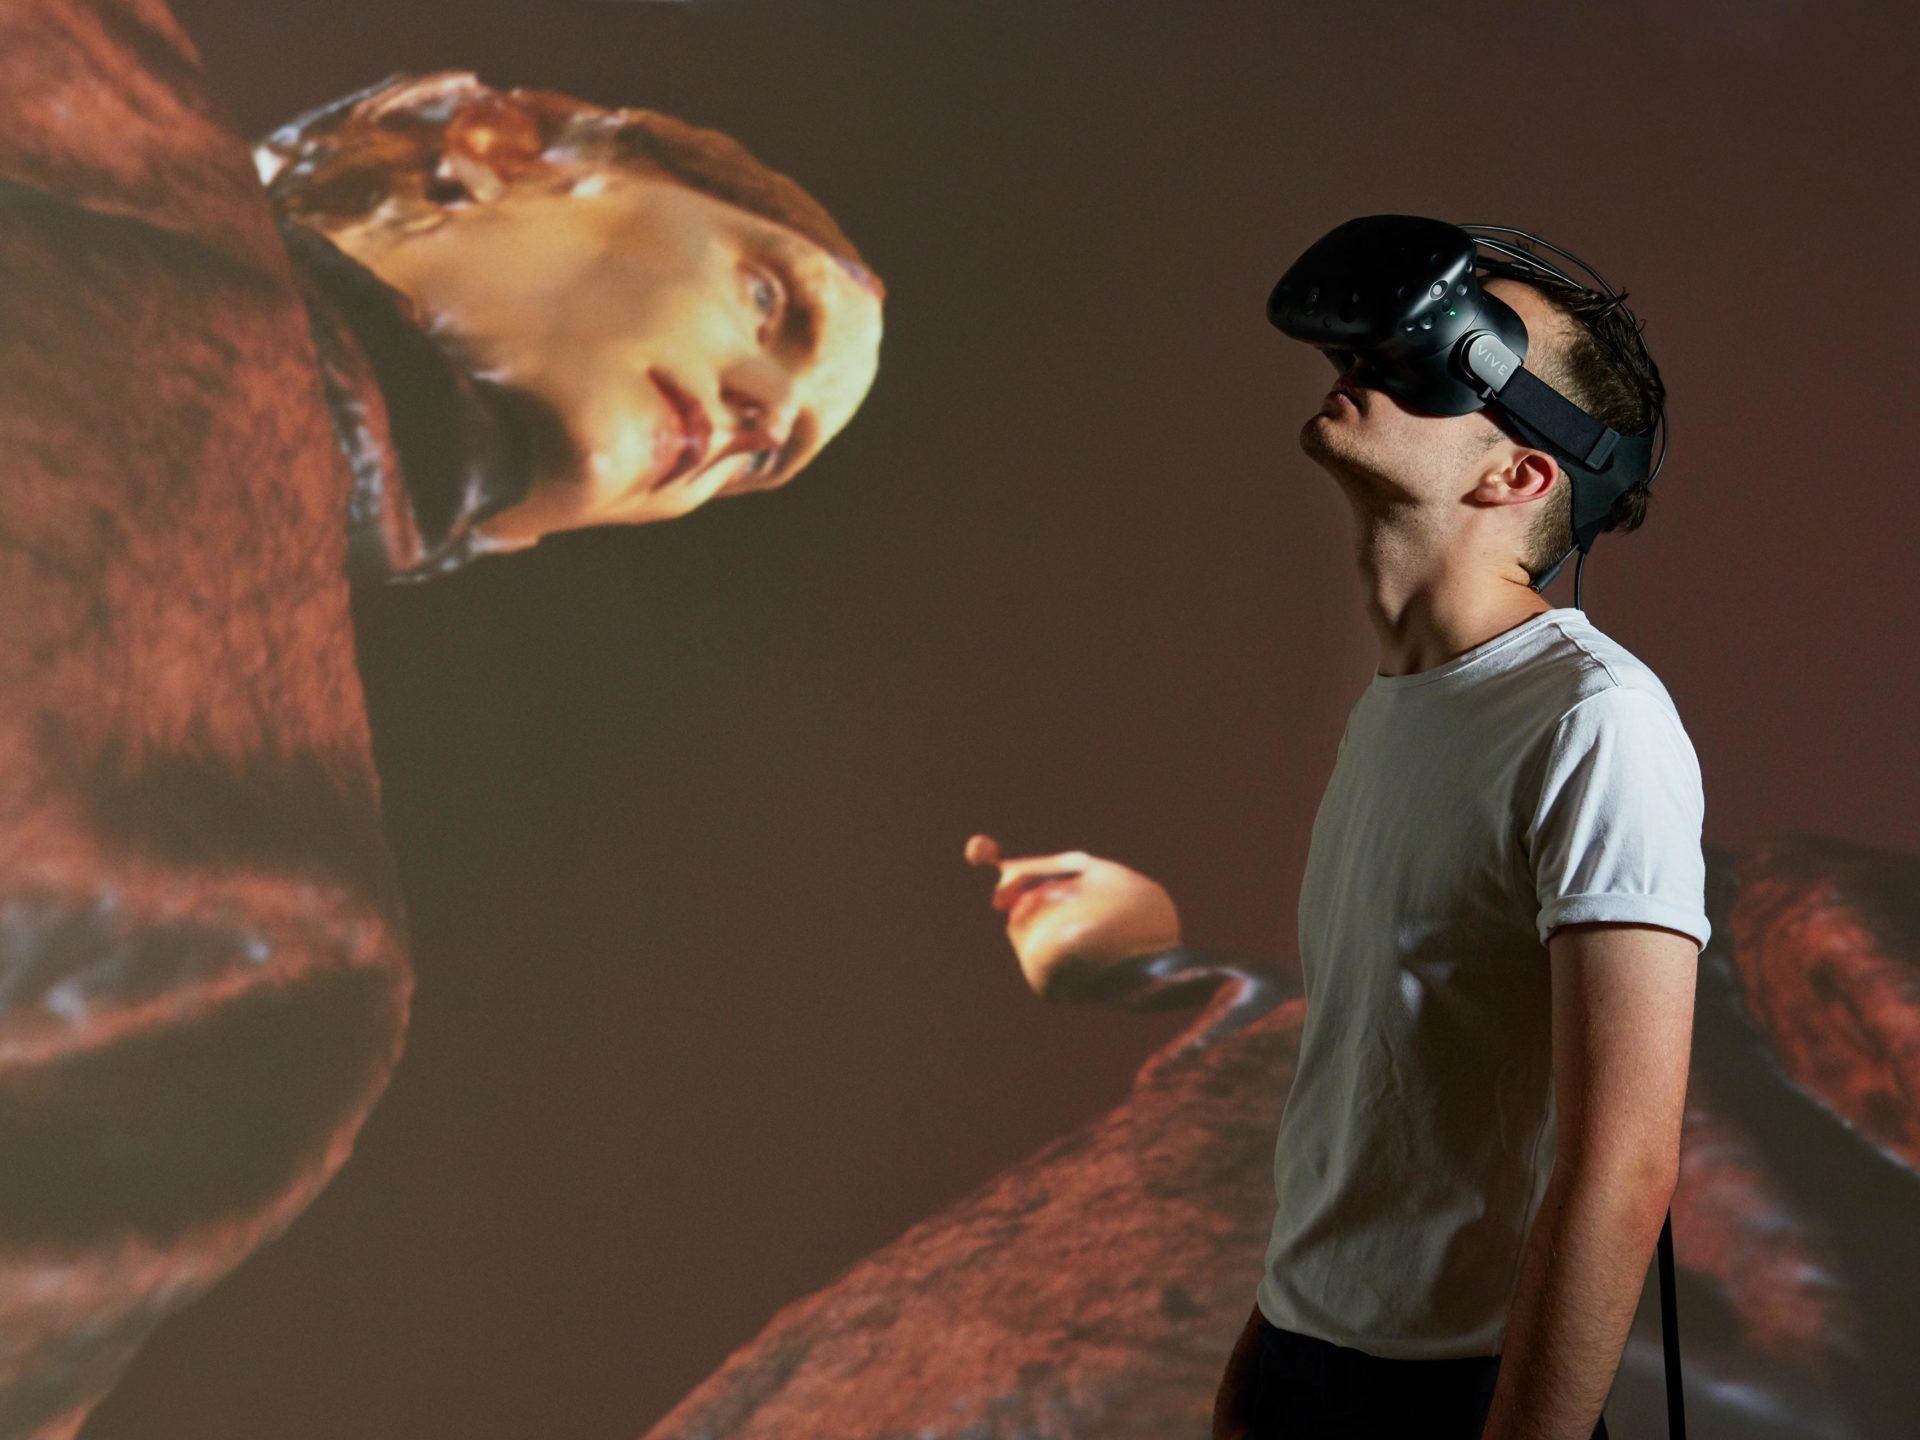 homme avec un casque de VR devant un écran avec des mannequins